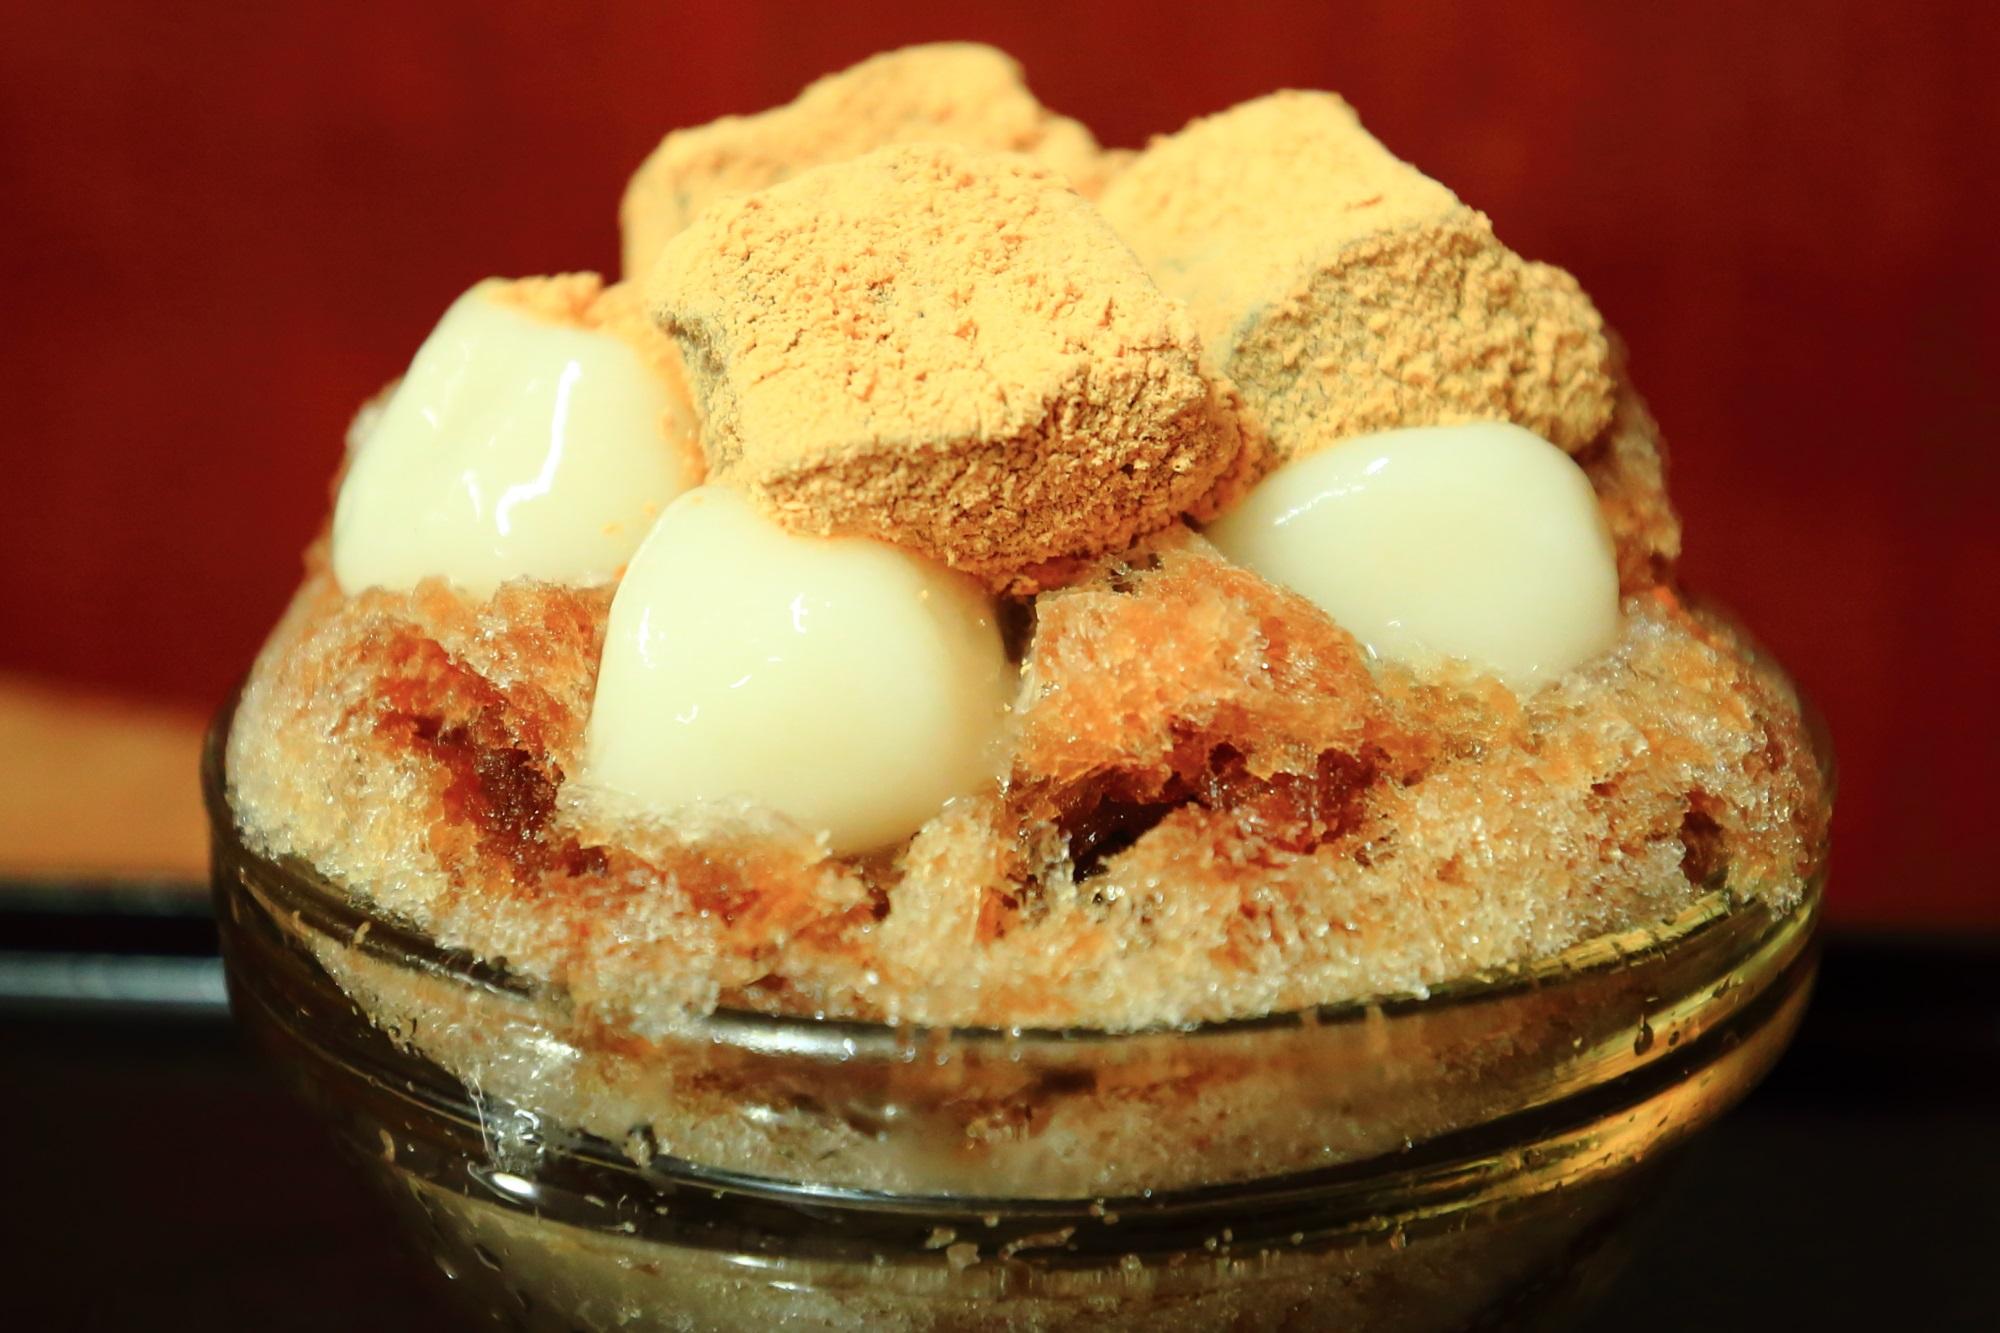 甘党茶屋梅園河原町店のかき氷(黒糖白玉+黒糖わらび餅)